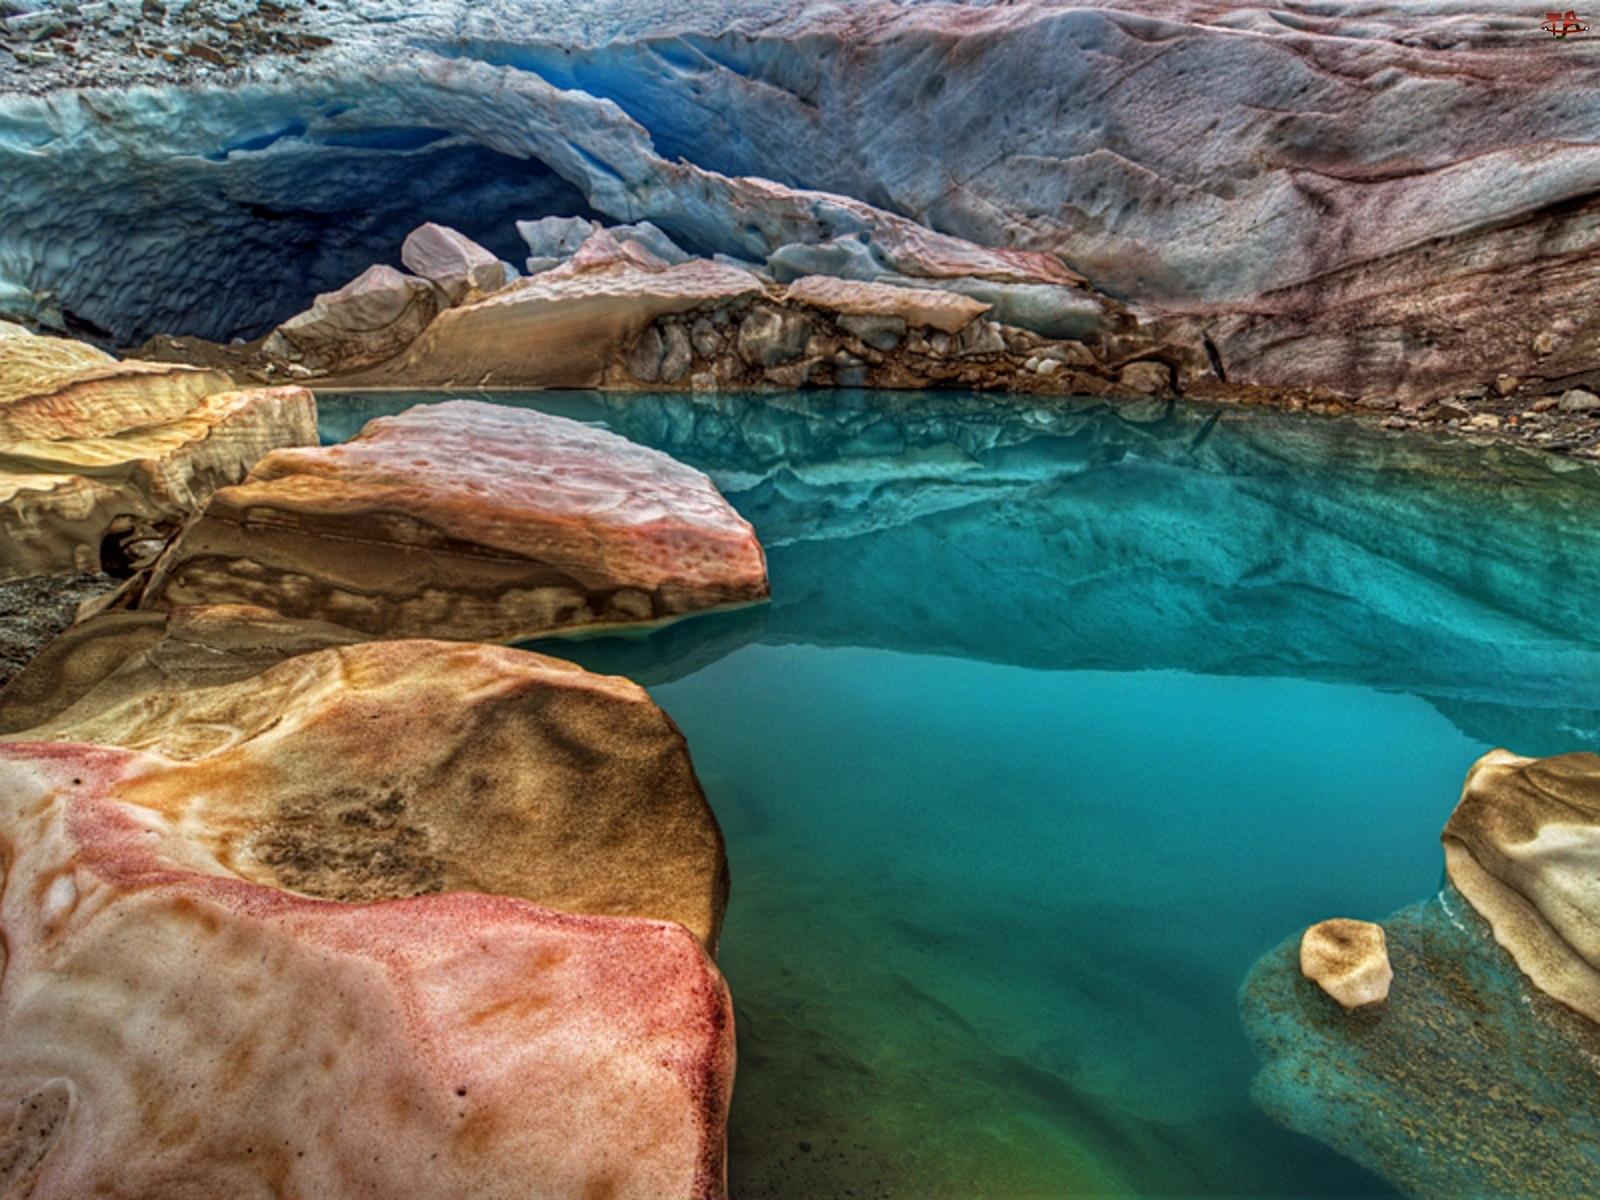 Jeziorko, Kolorowe, Skały